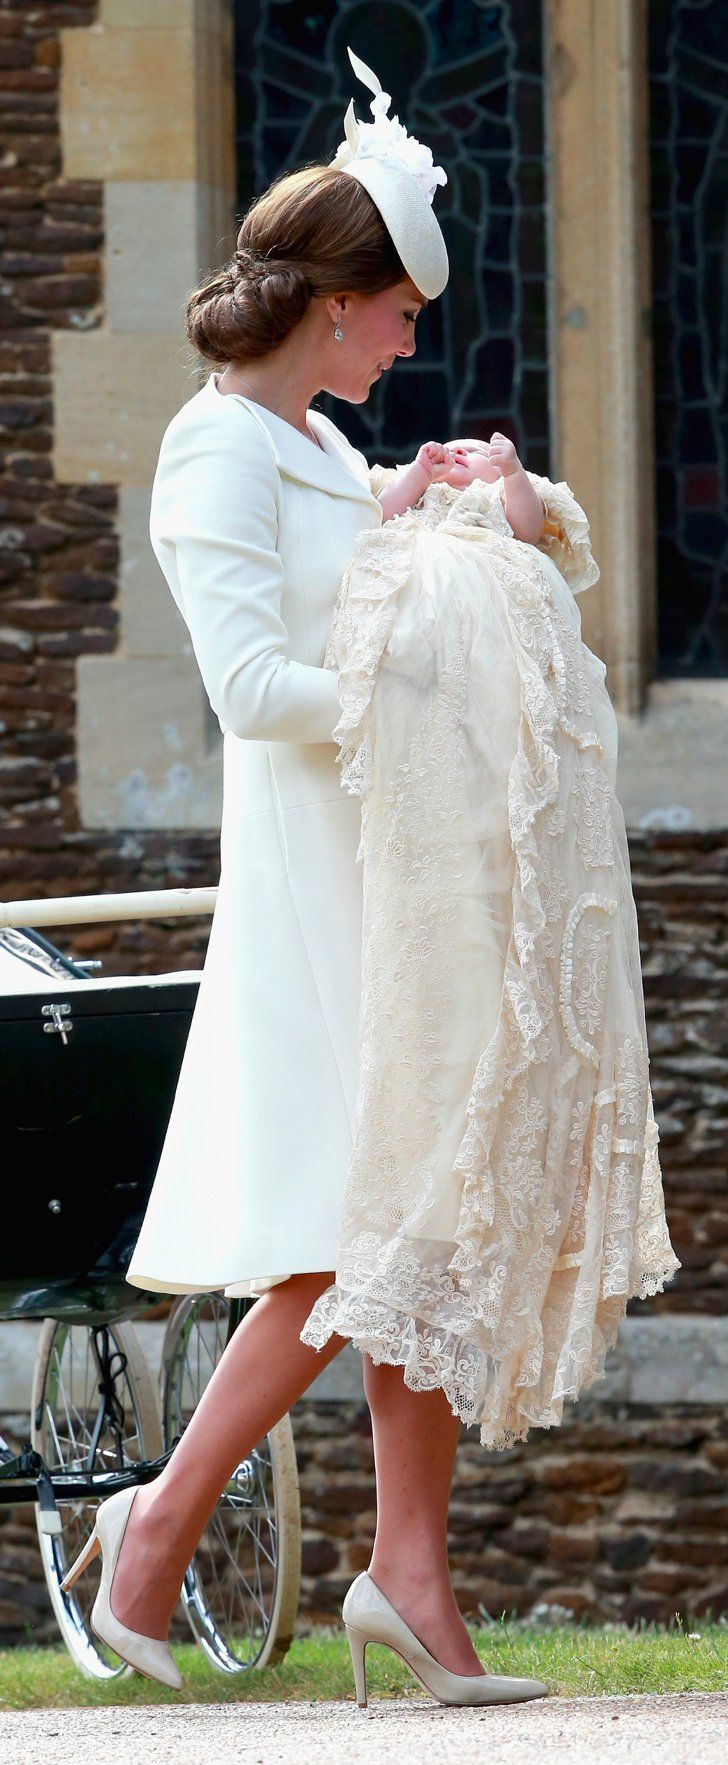 Pin for Later: Kate Middleton Était Absolument Superbe Lors du Baptême de la Princesse Charlotte